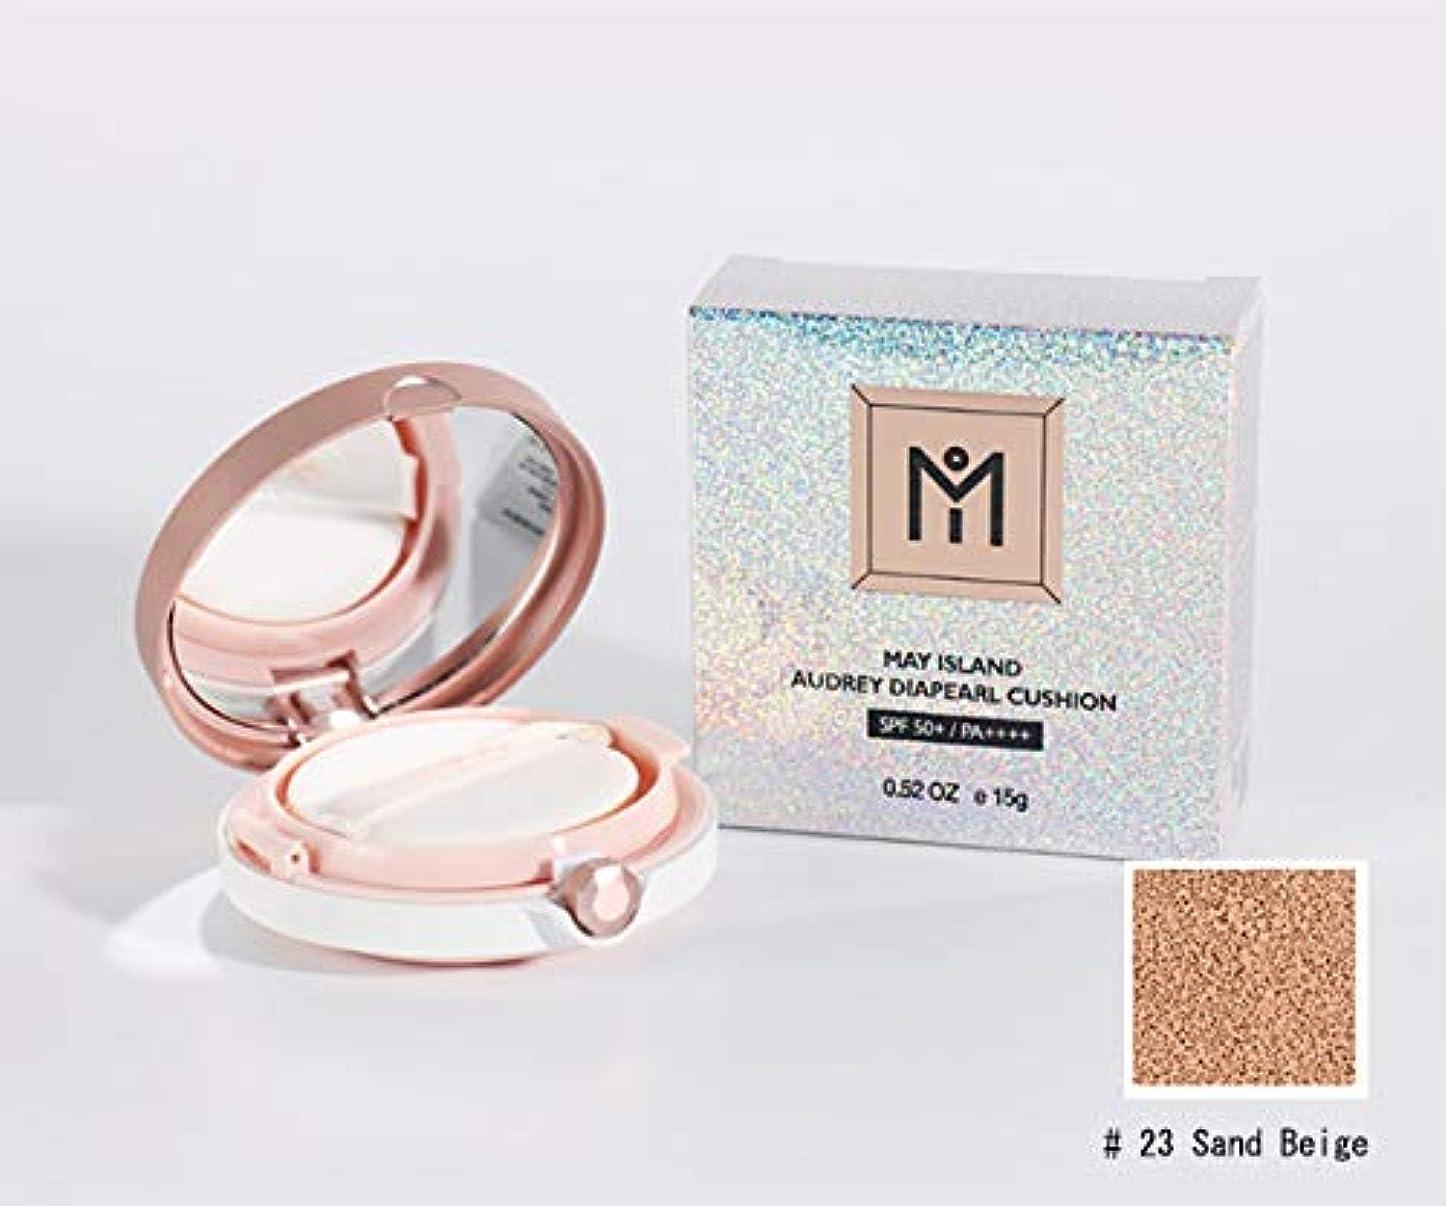 修理工精緻化少数[MAY ISLAND] AUDREY DIAPEARL CUSHION[#23.Sand Beige] ダイヤモンドパールクッション SPF50+/ PA++++[美白、シワの改善、紫外線遮断3の機能性化粧品]韓国の人気...